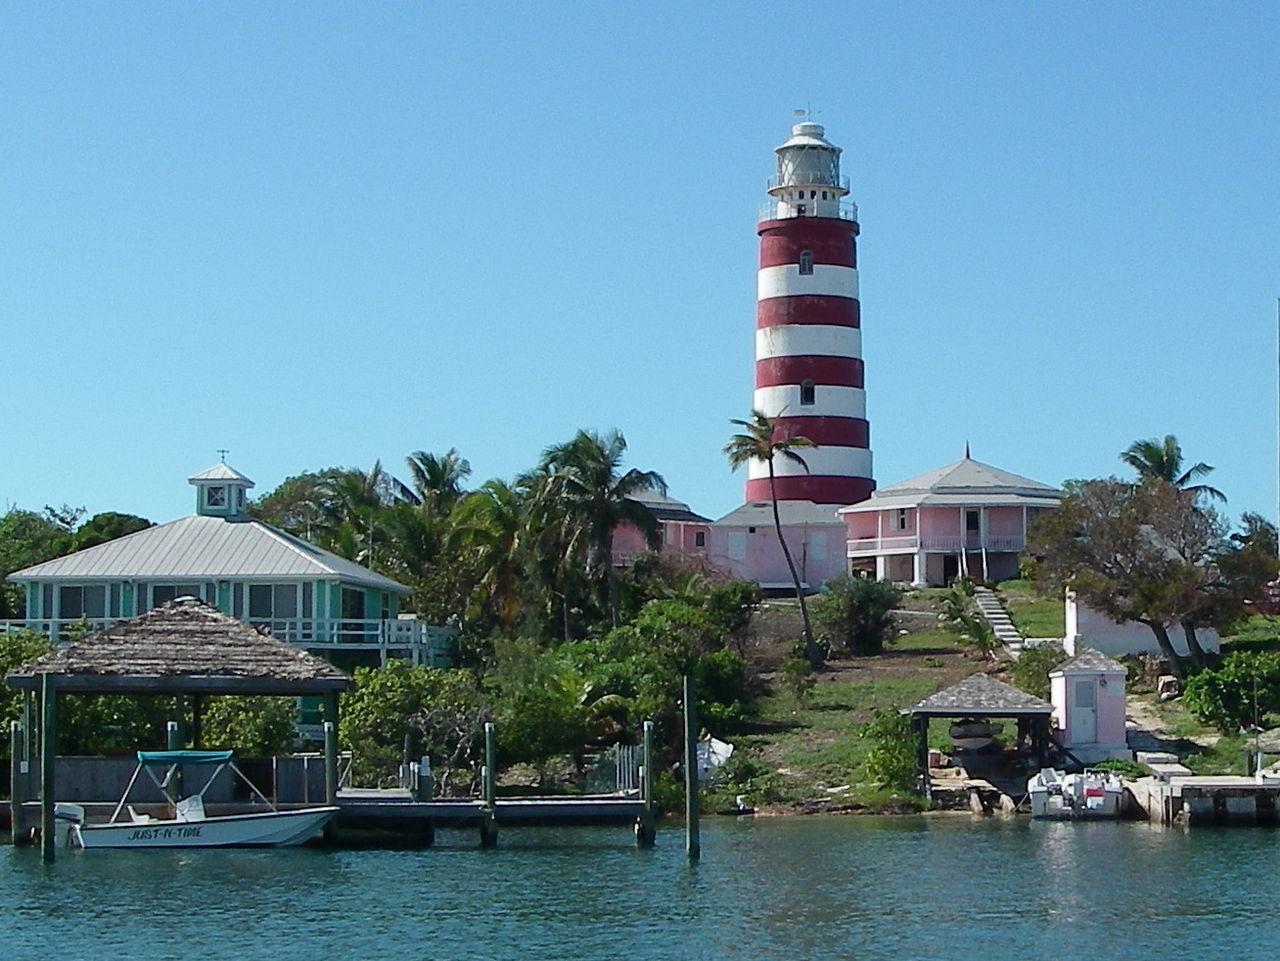 Noleggio Barche Abacos (Bahamas) - Navalia | Noleggia un Sogno